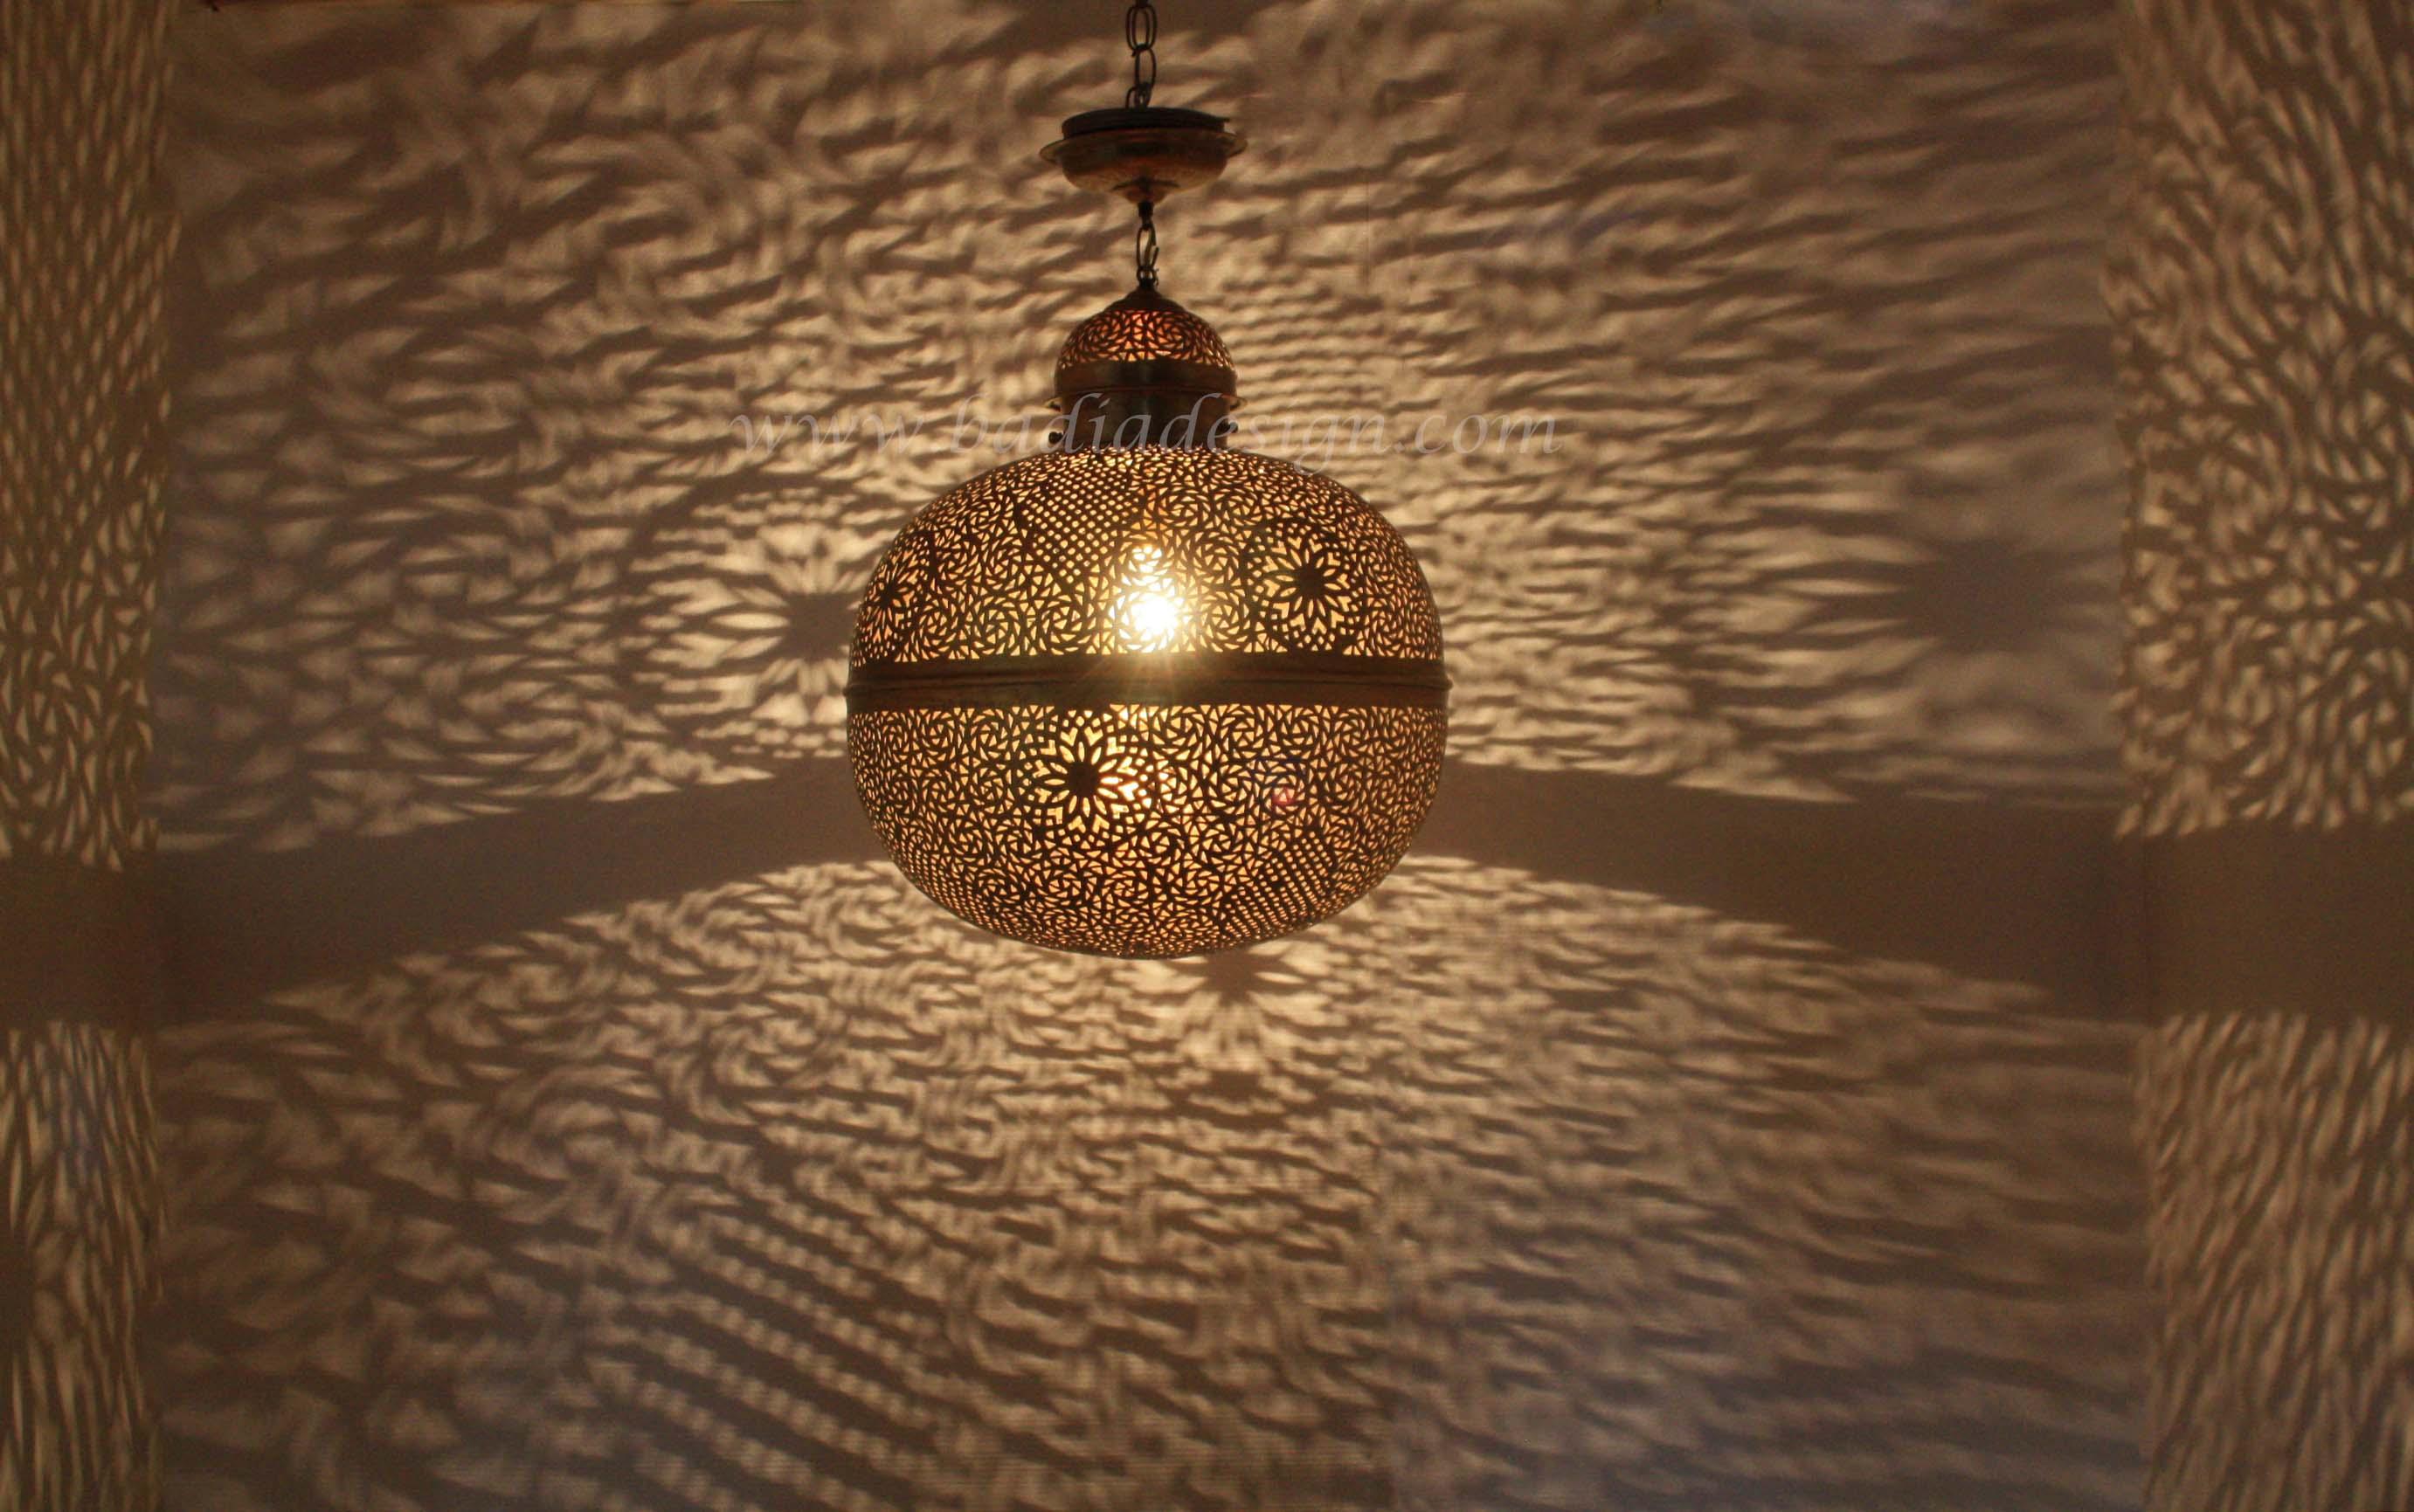 moroccan-brass-light-fixture-lig271-1.jpg